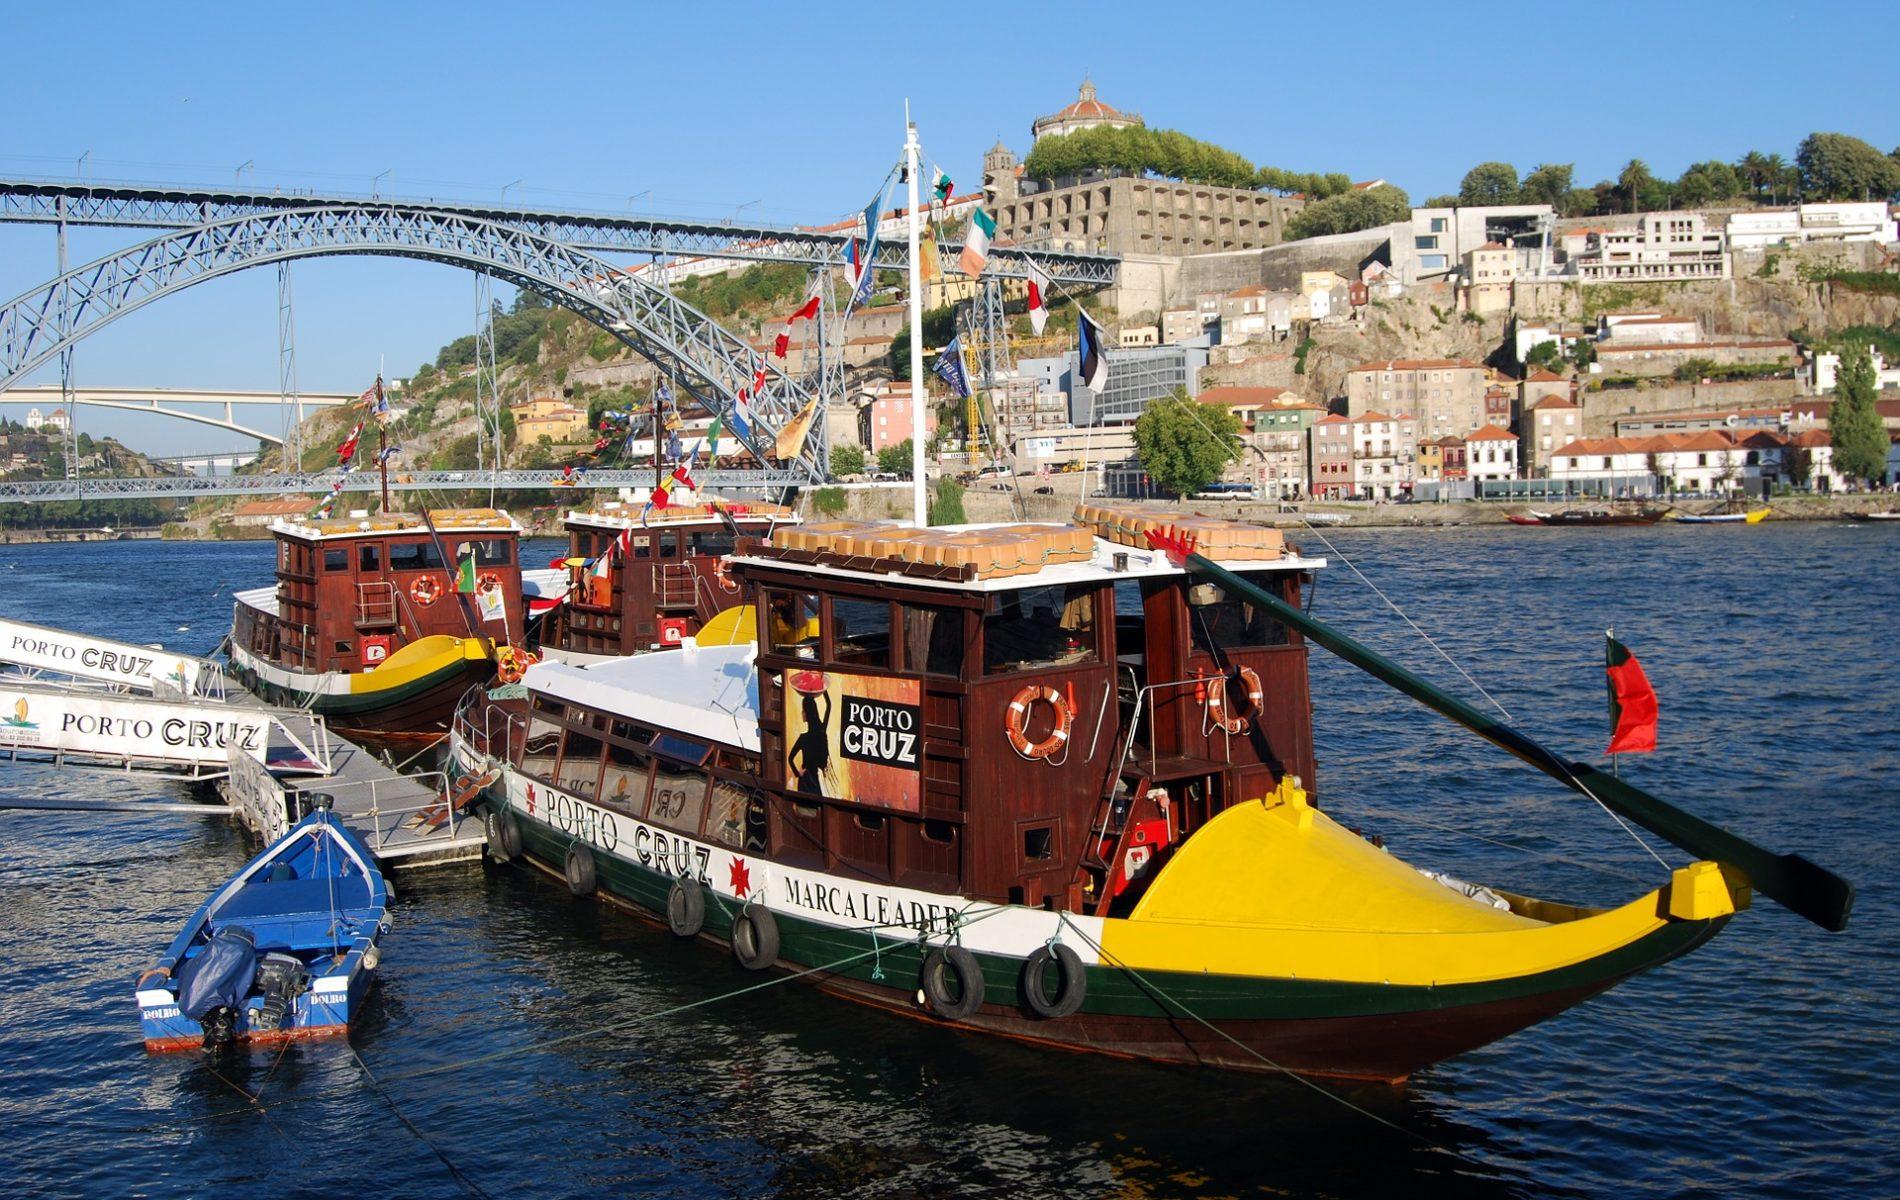 boat-521050_1920